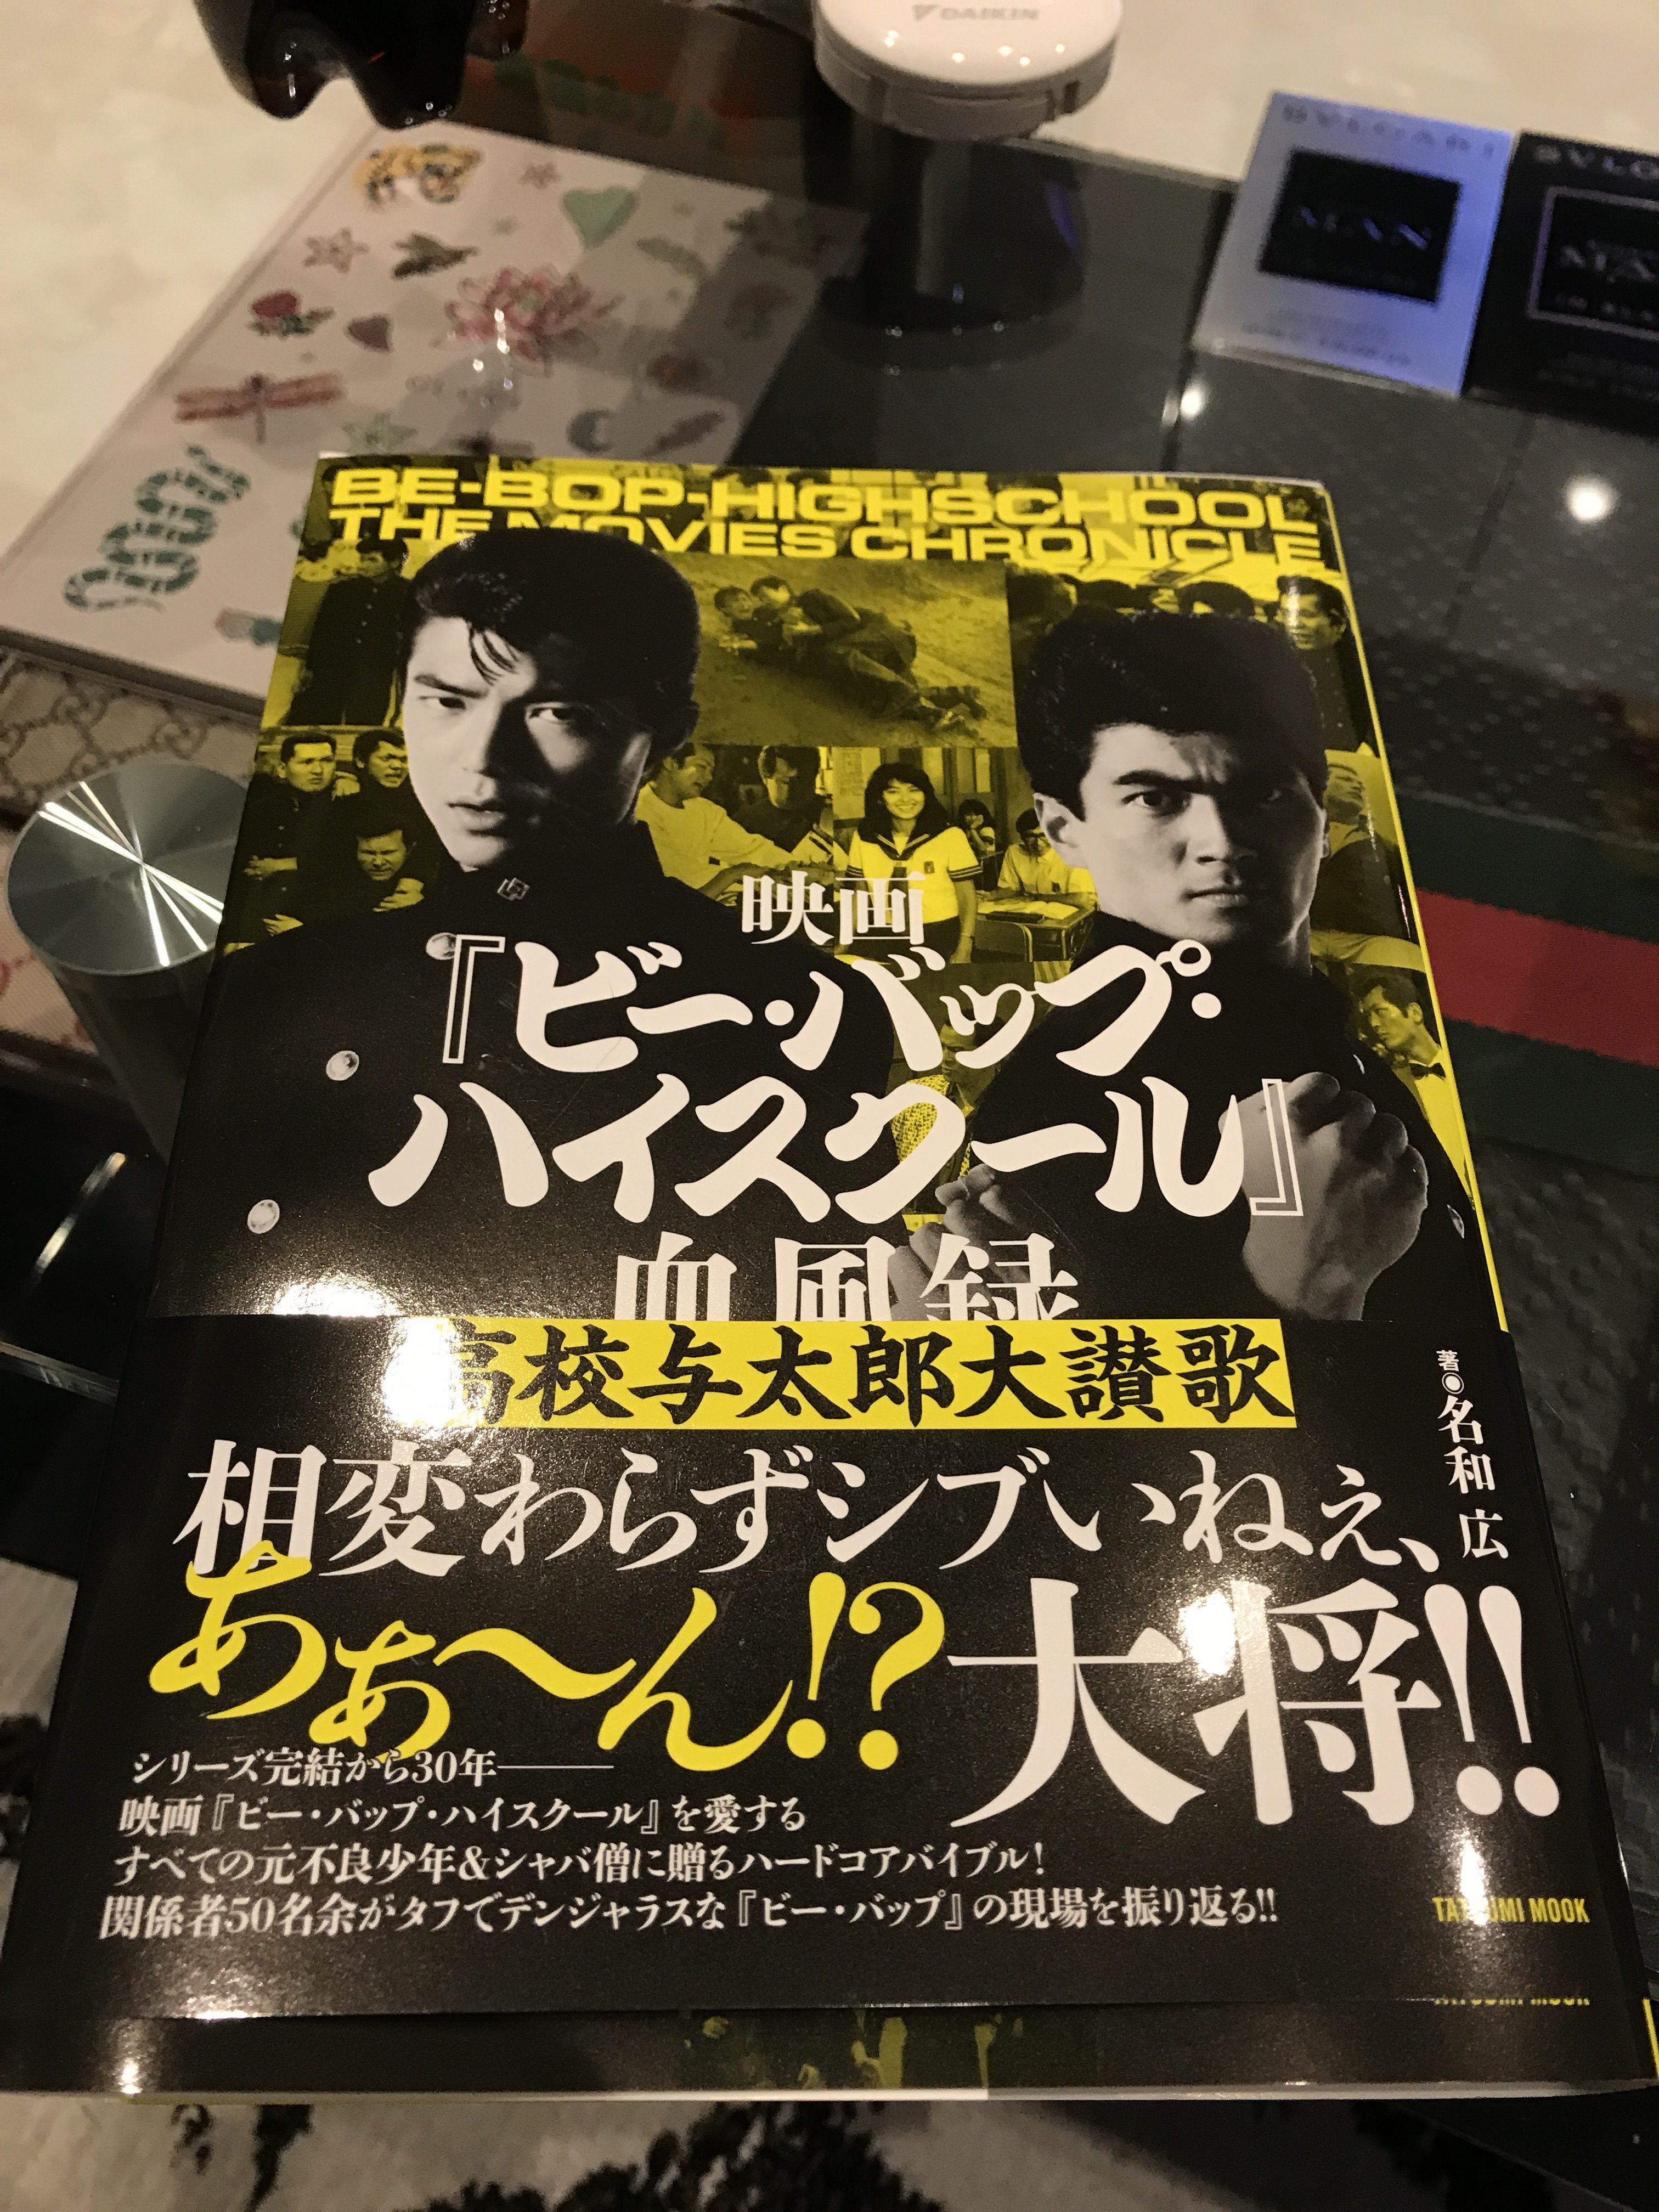 【姫路】結婚相談所 ロビンソン・パートナーズ【神戸】ブログ画像_ビーバップハイスクール_book